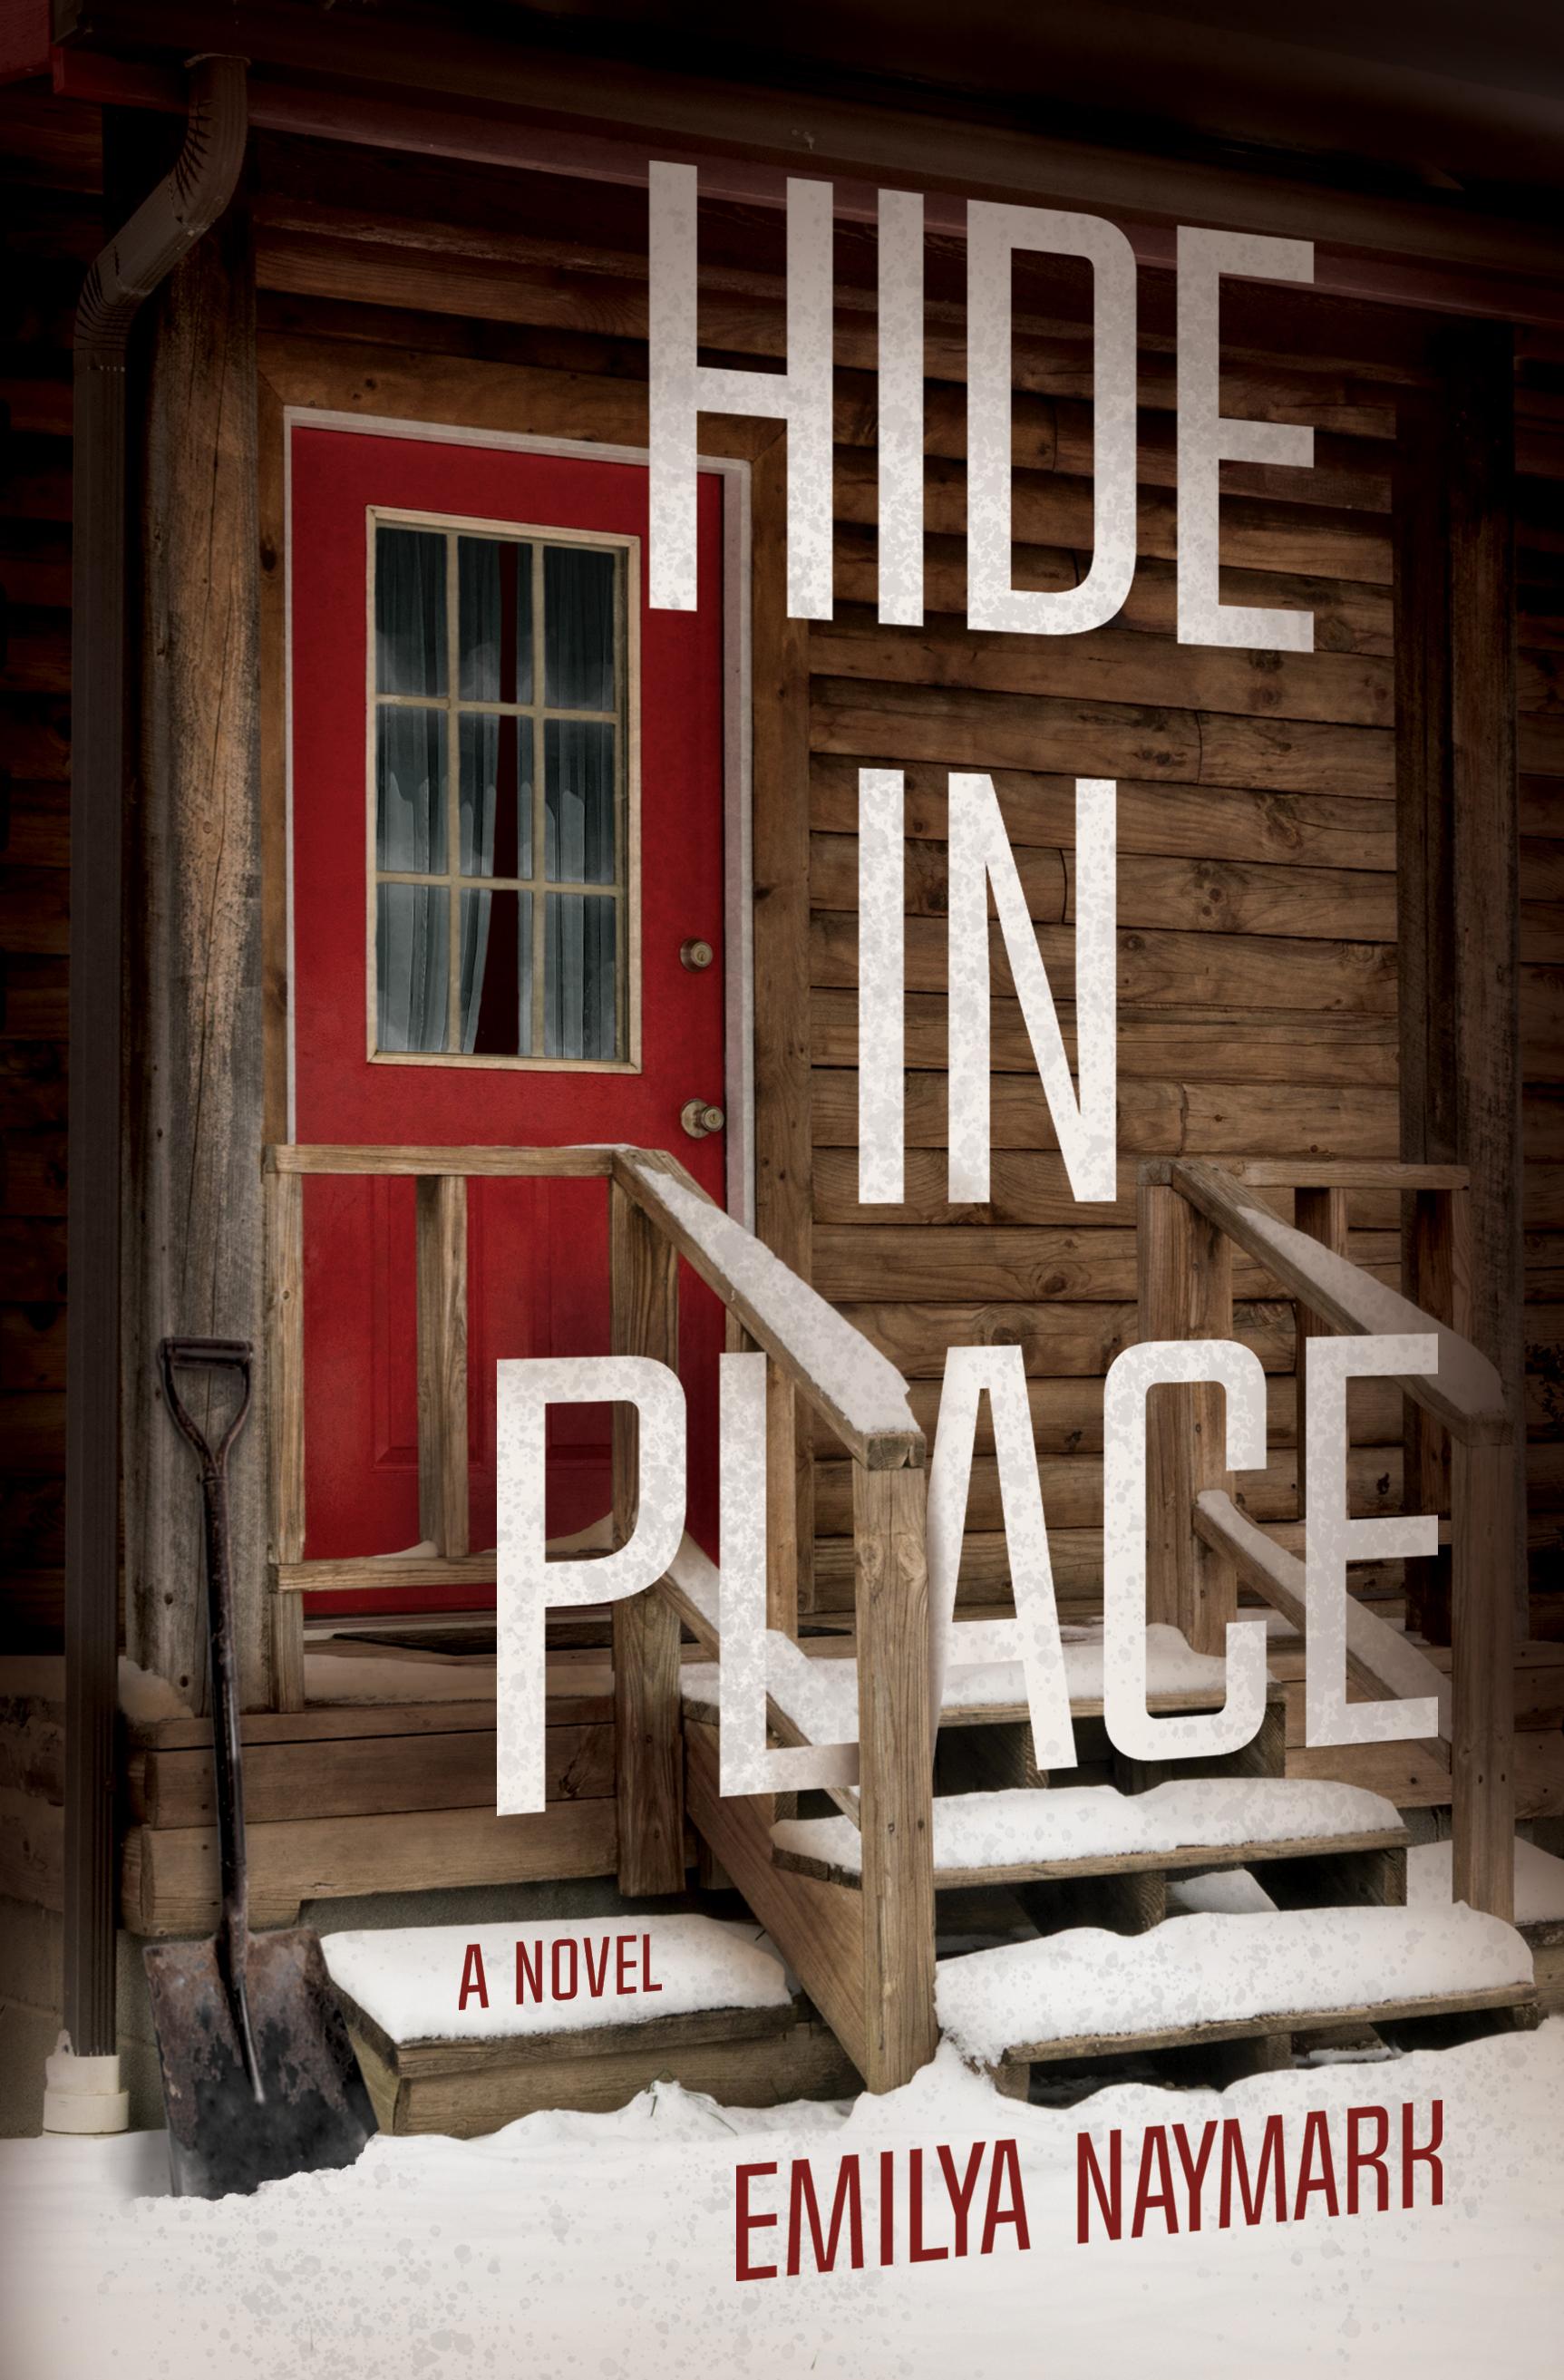 HIDE IN PLACE - ENaymark